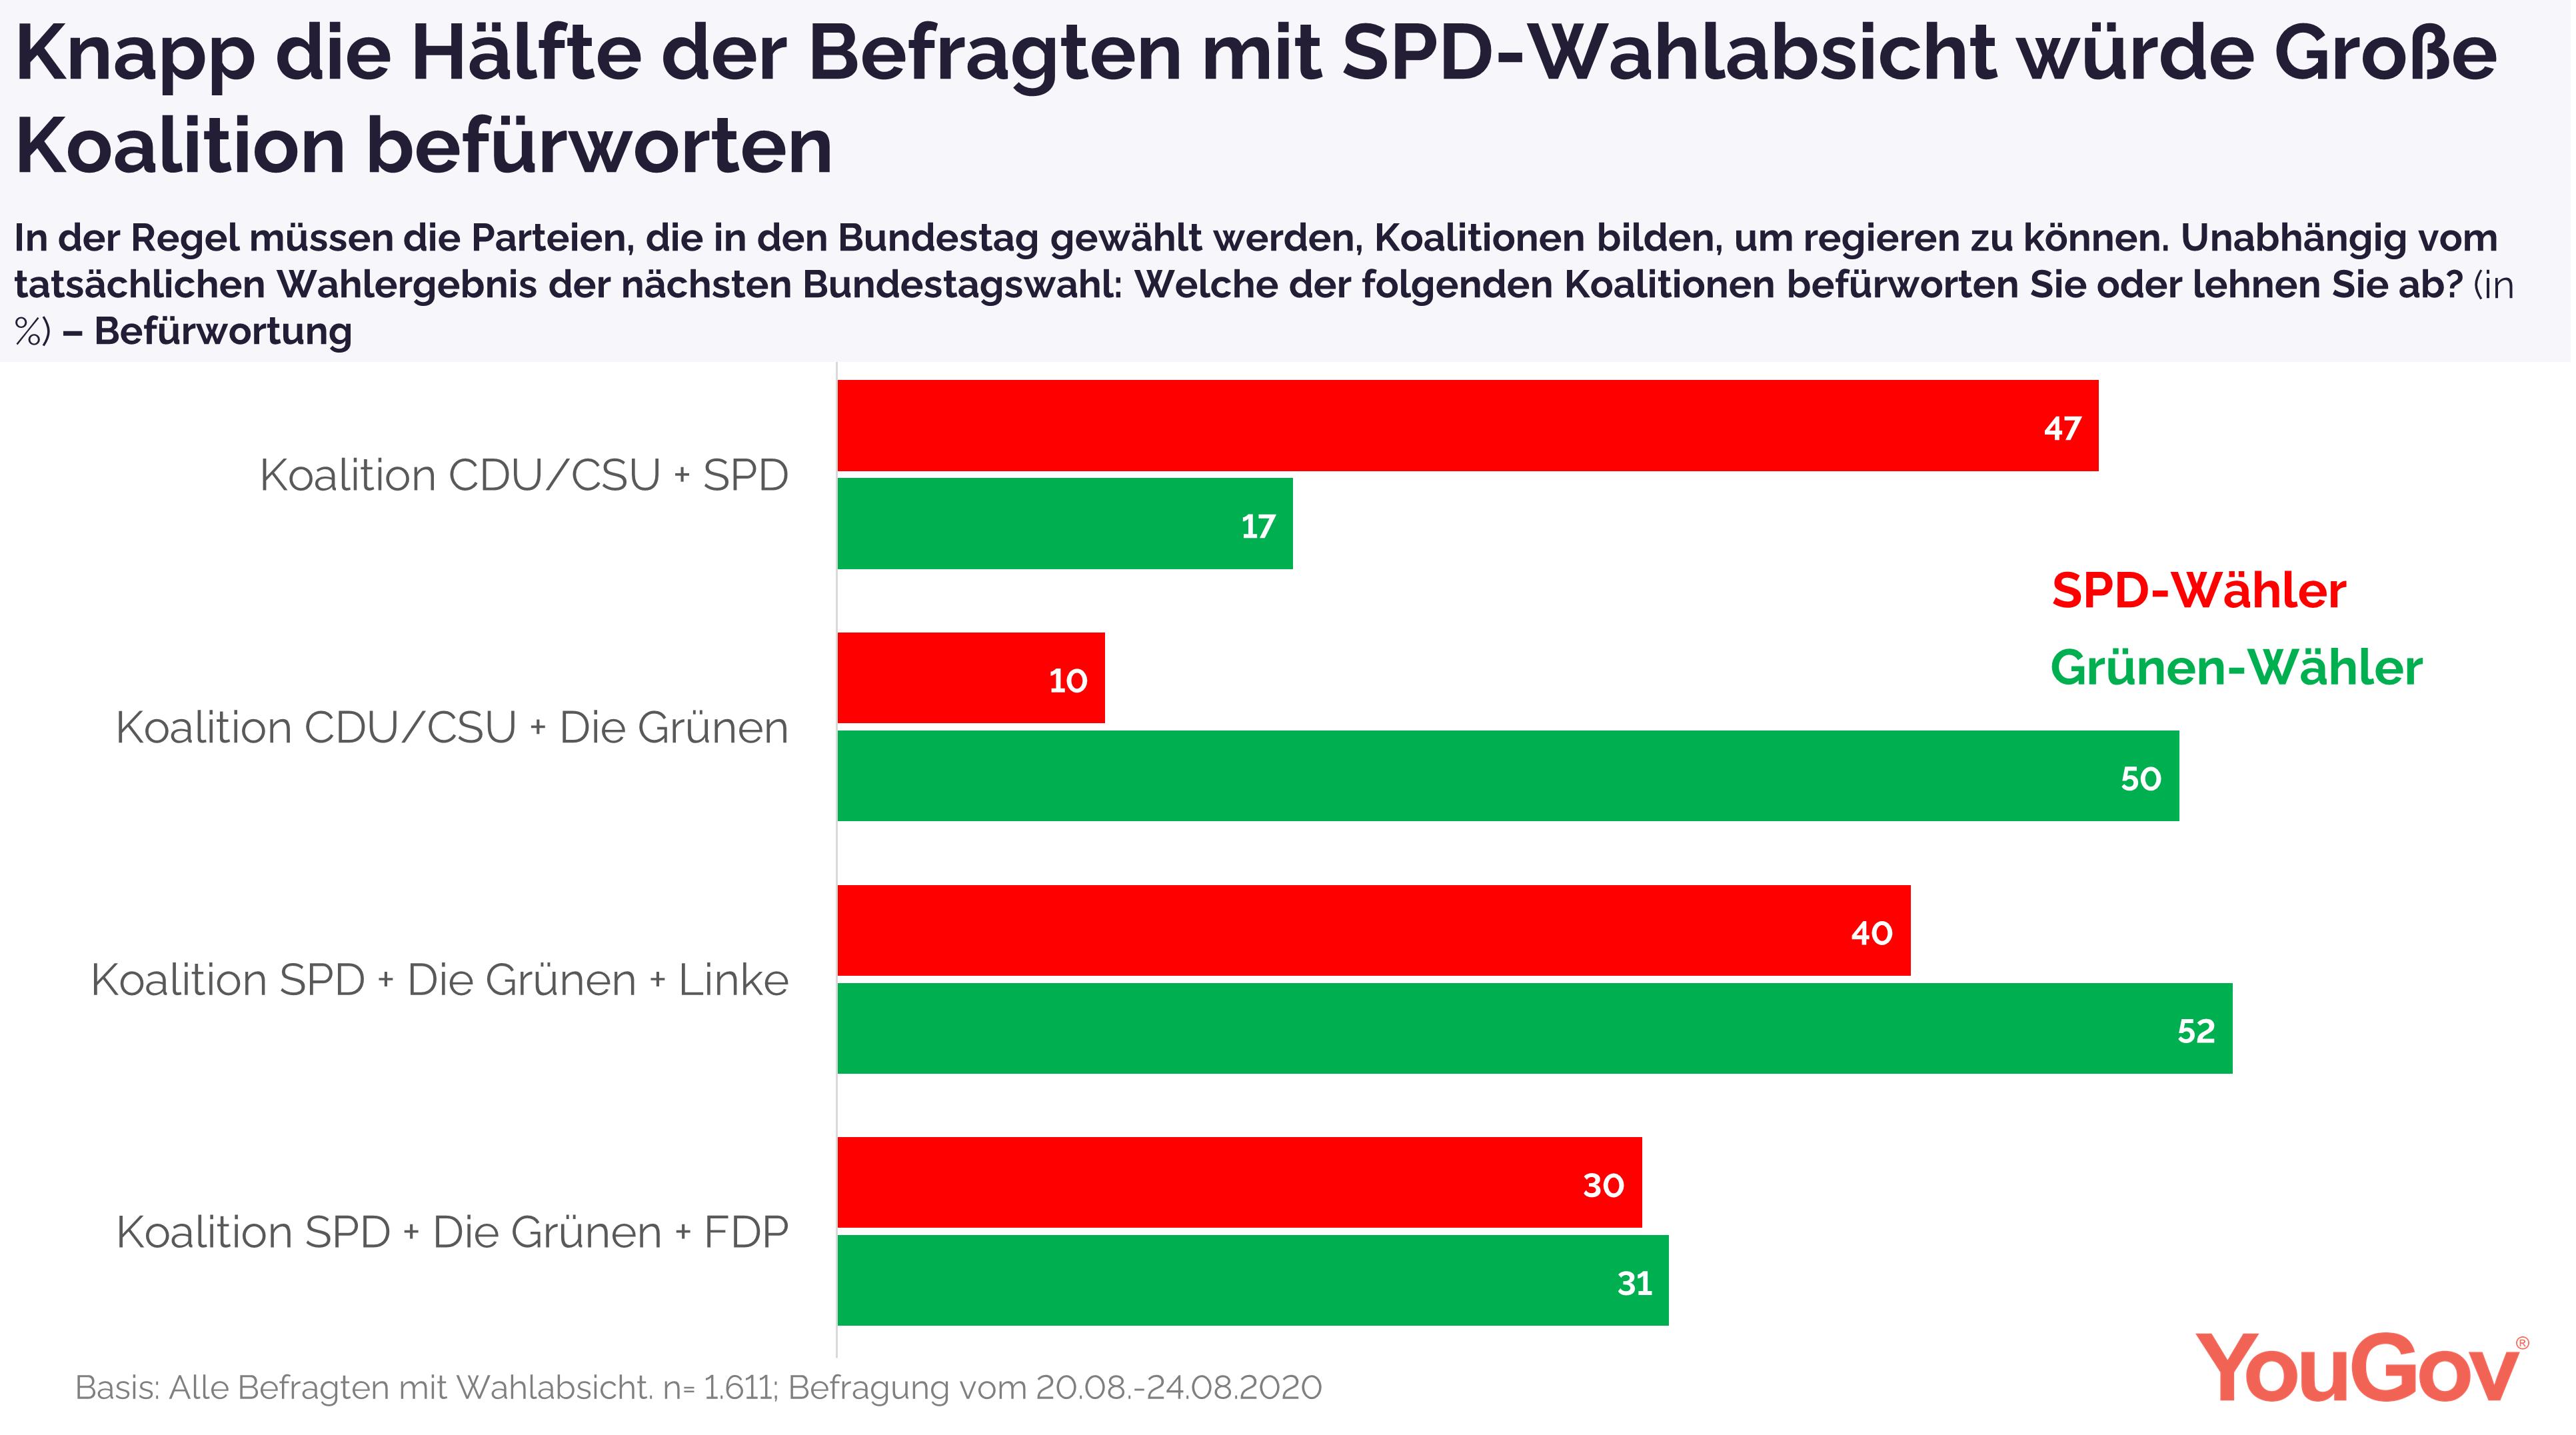 Koalitionen-Befürwortung der Grünen- und SPD-Wähler